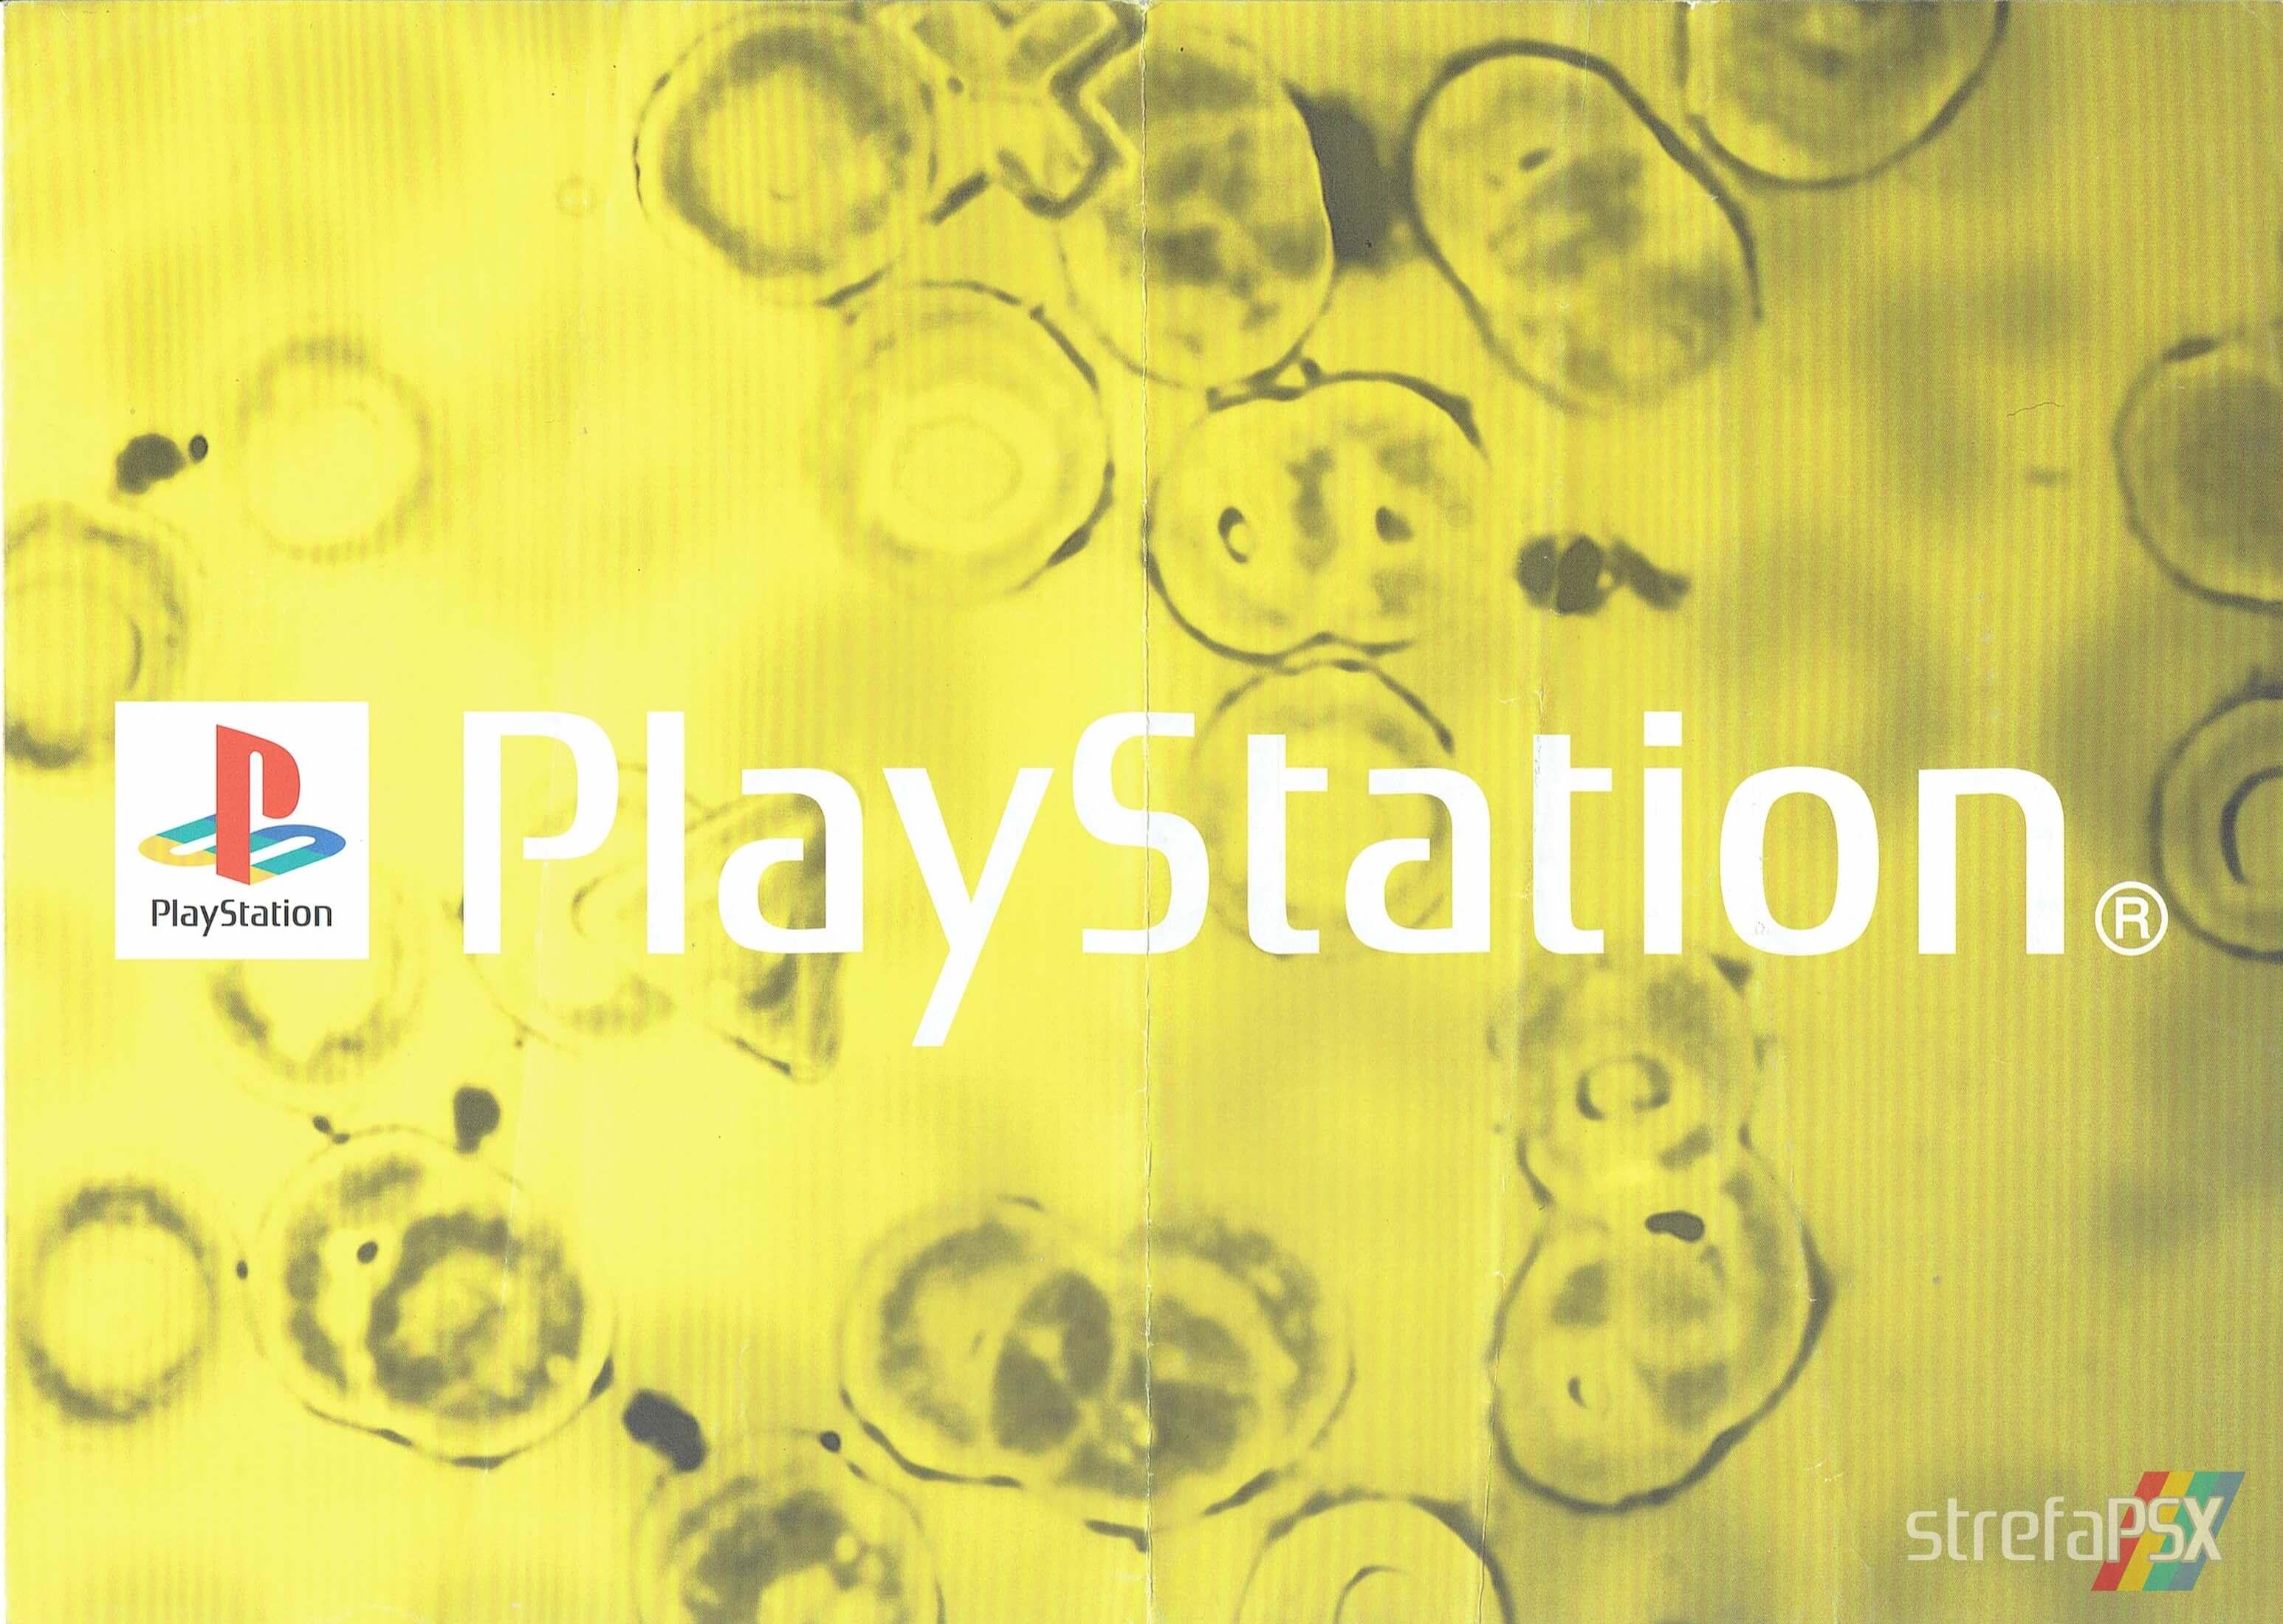 broszura reklamowa psx 201 - Broszury reklamowe PlayStation z dawnych lat